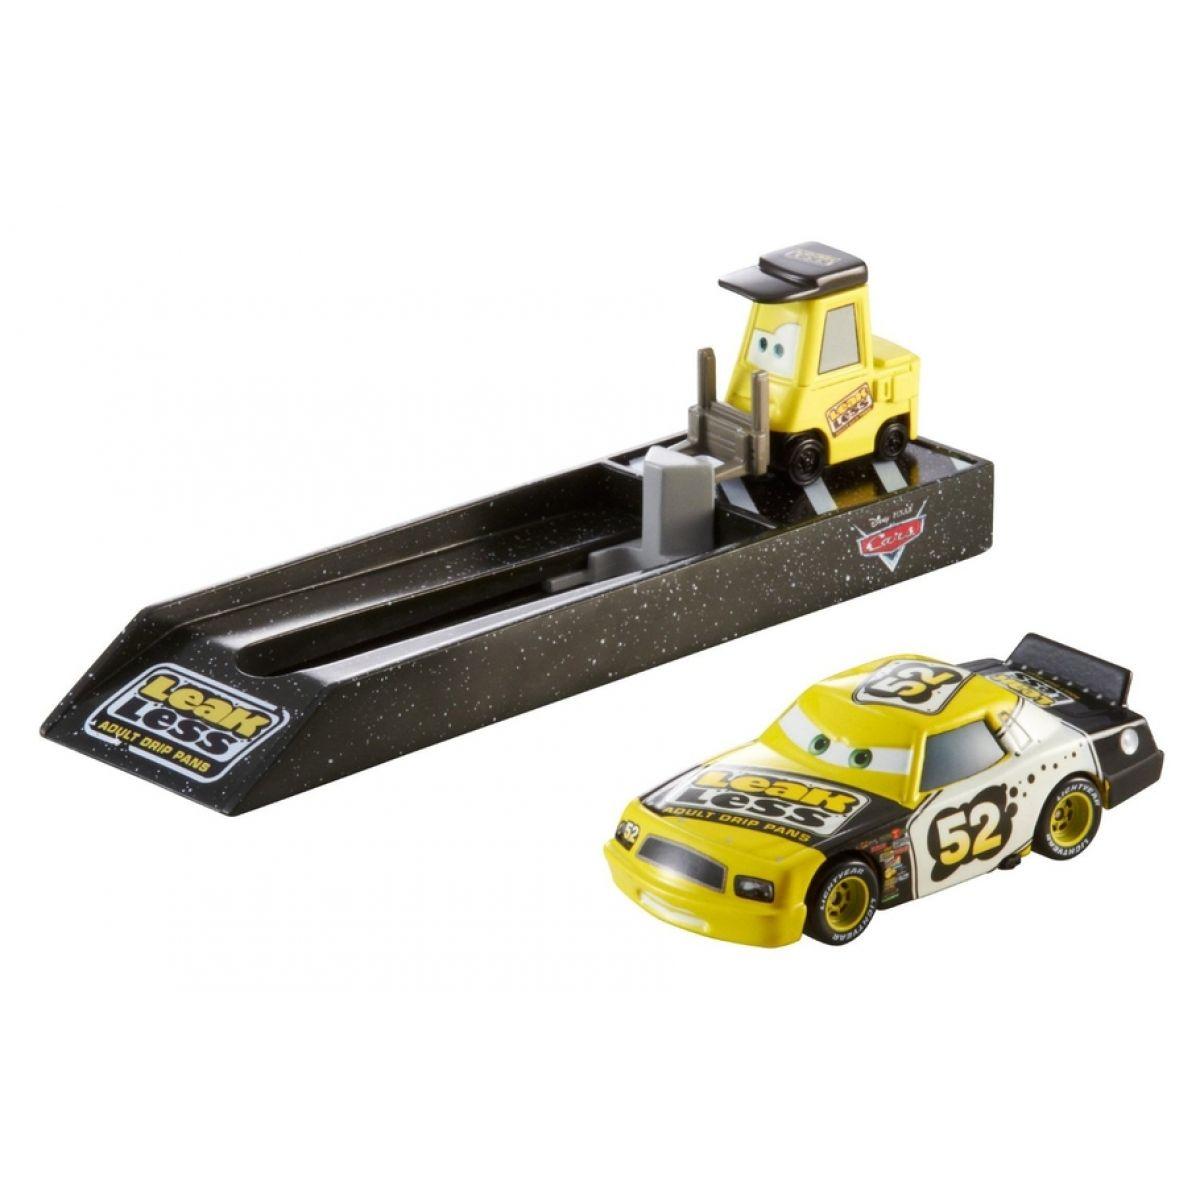 CARS Vystřelovač s autíčkem Mattel Y7886 - Leakless No. 52